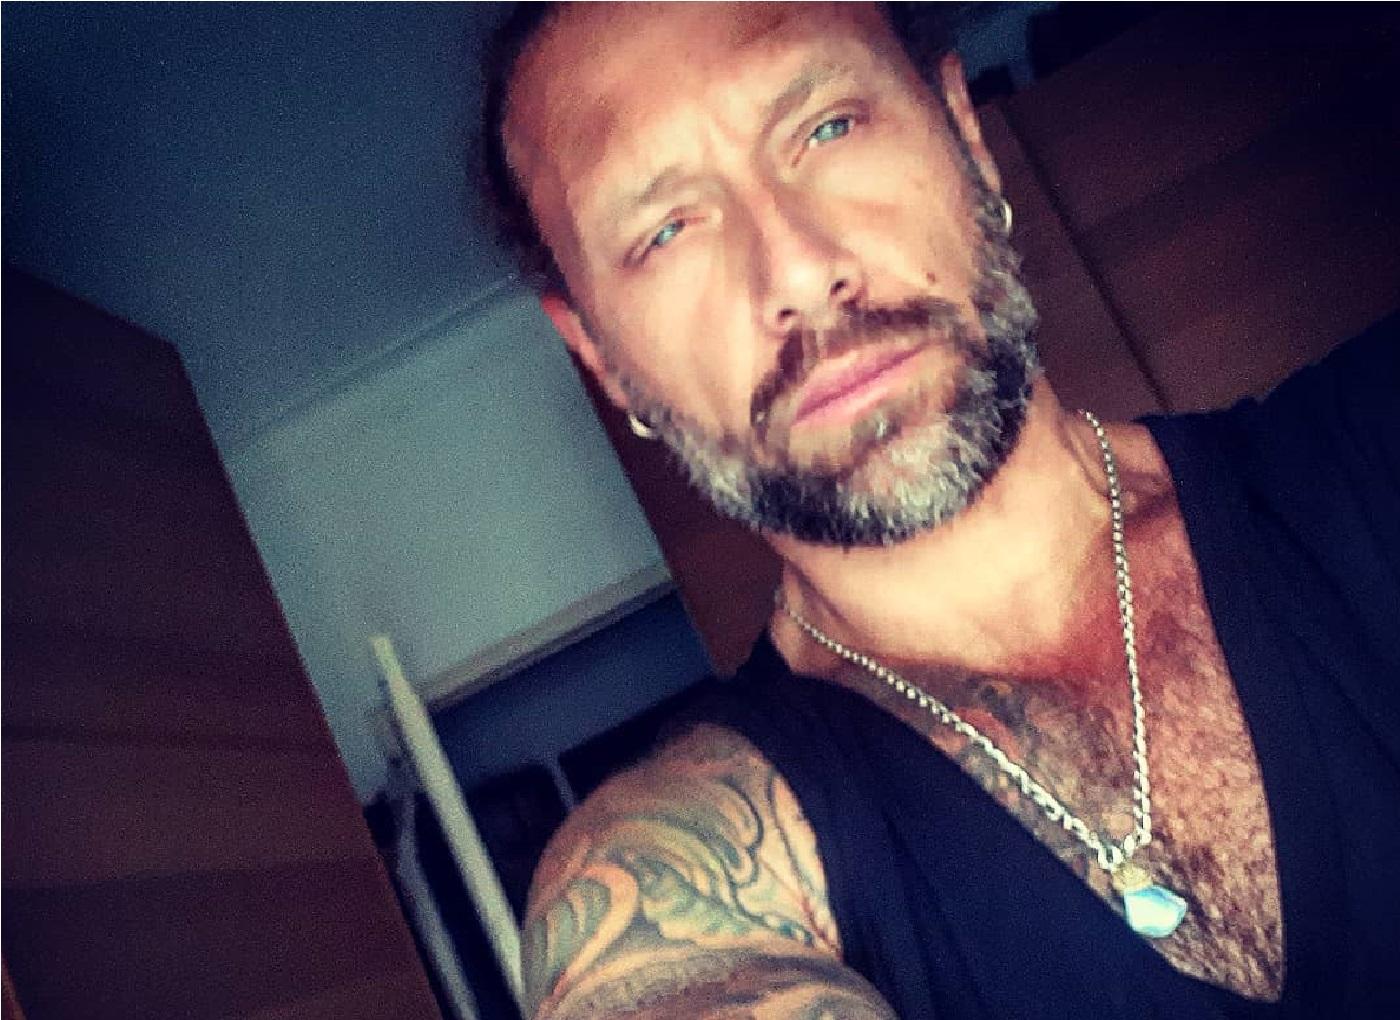 """jorge moreira Ex-marido de Ana Malhoa mostra-se com hematomas na cara: """"Há dias assim..."""""""